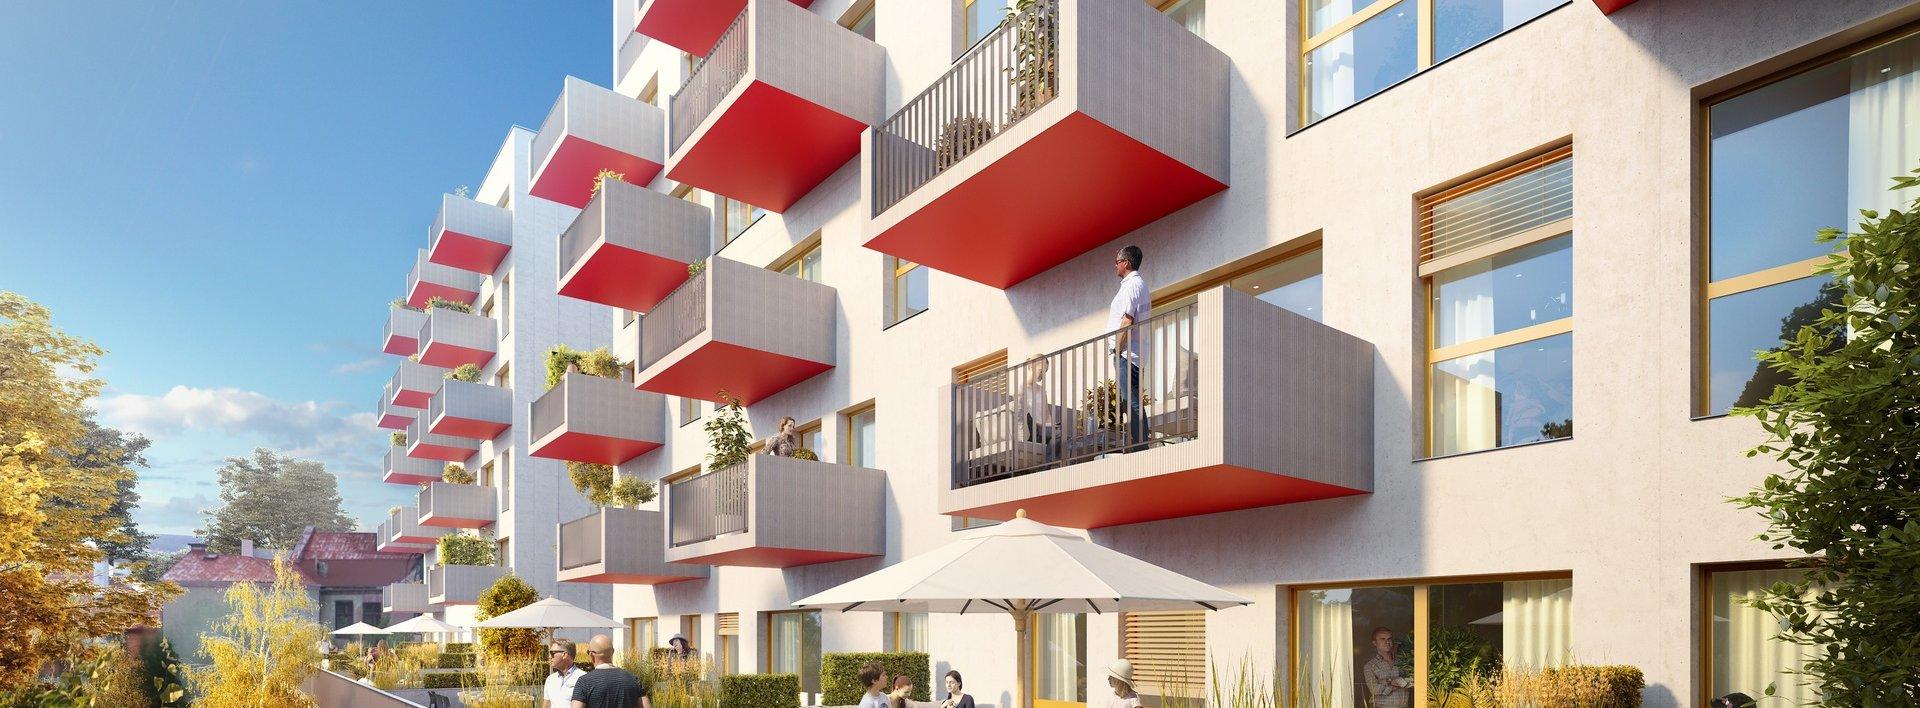 Jižní byt 4+kk v centru Liberce s prostornou terasou, Ev.č.: N48903